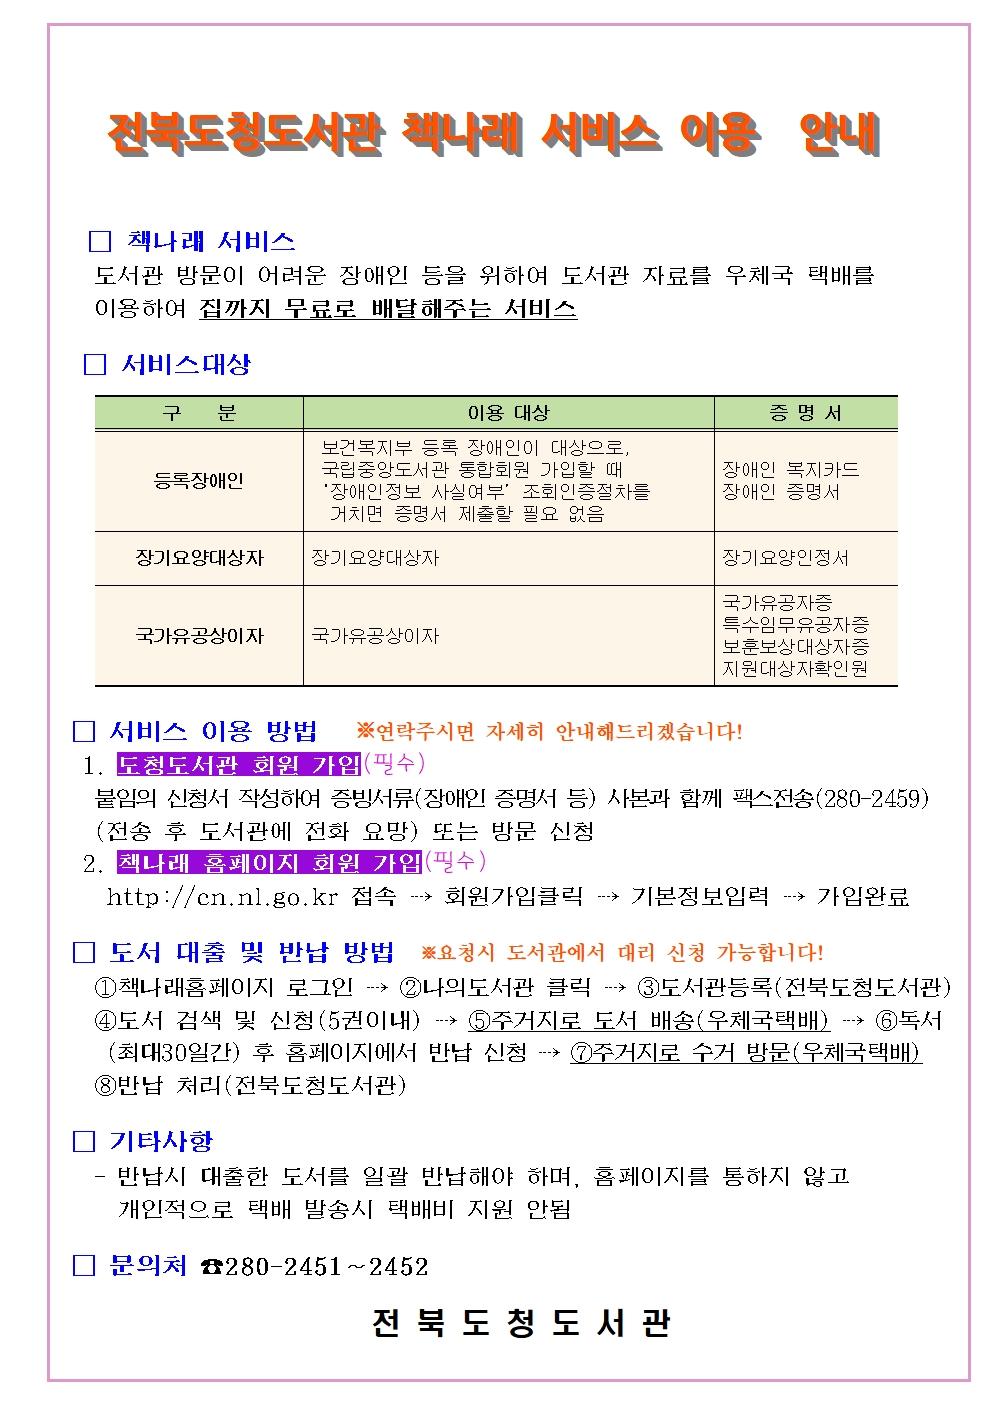 전북도청 도서관 홍보 리플릿(책나래)001.jpg